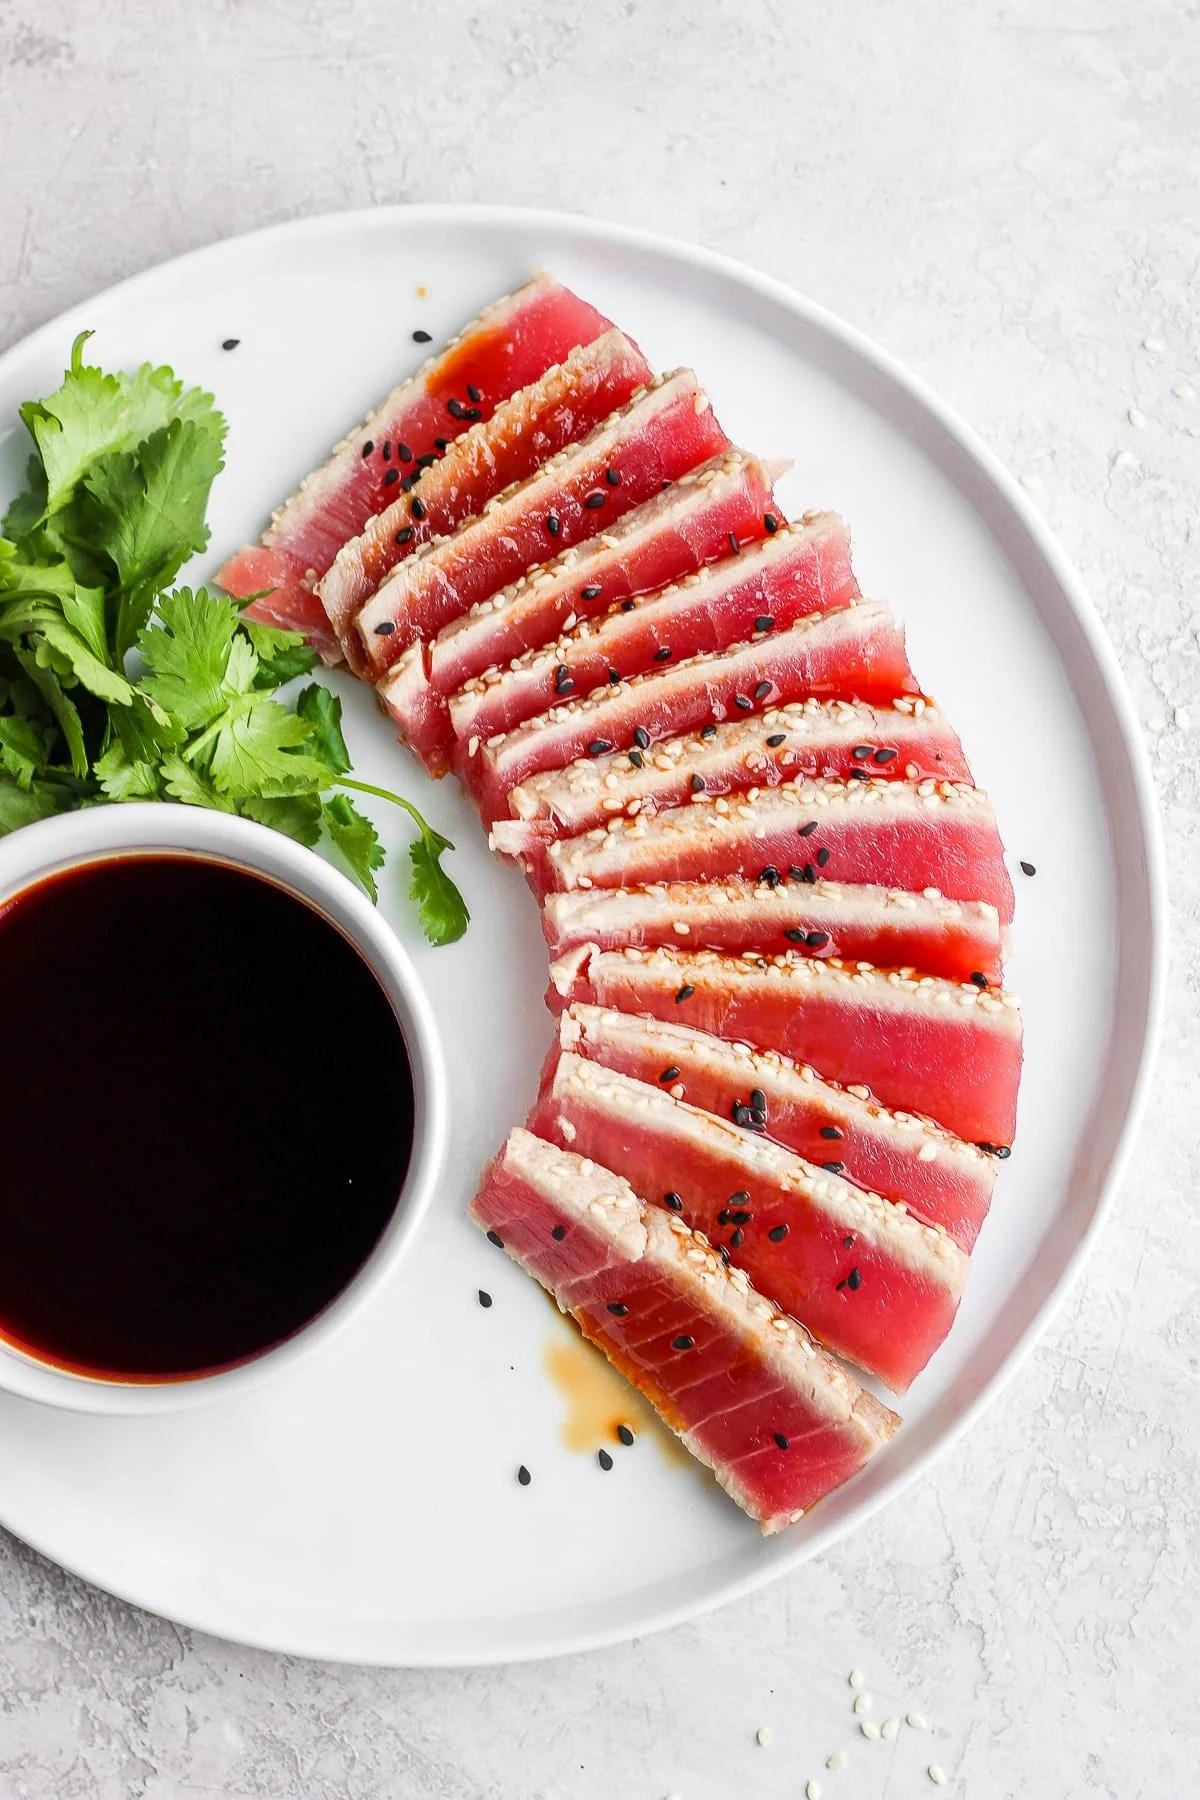 Simple Seared Ahi Tuna Recipe Whole30 Paleo The Wooden Skillet